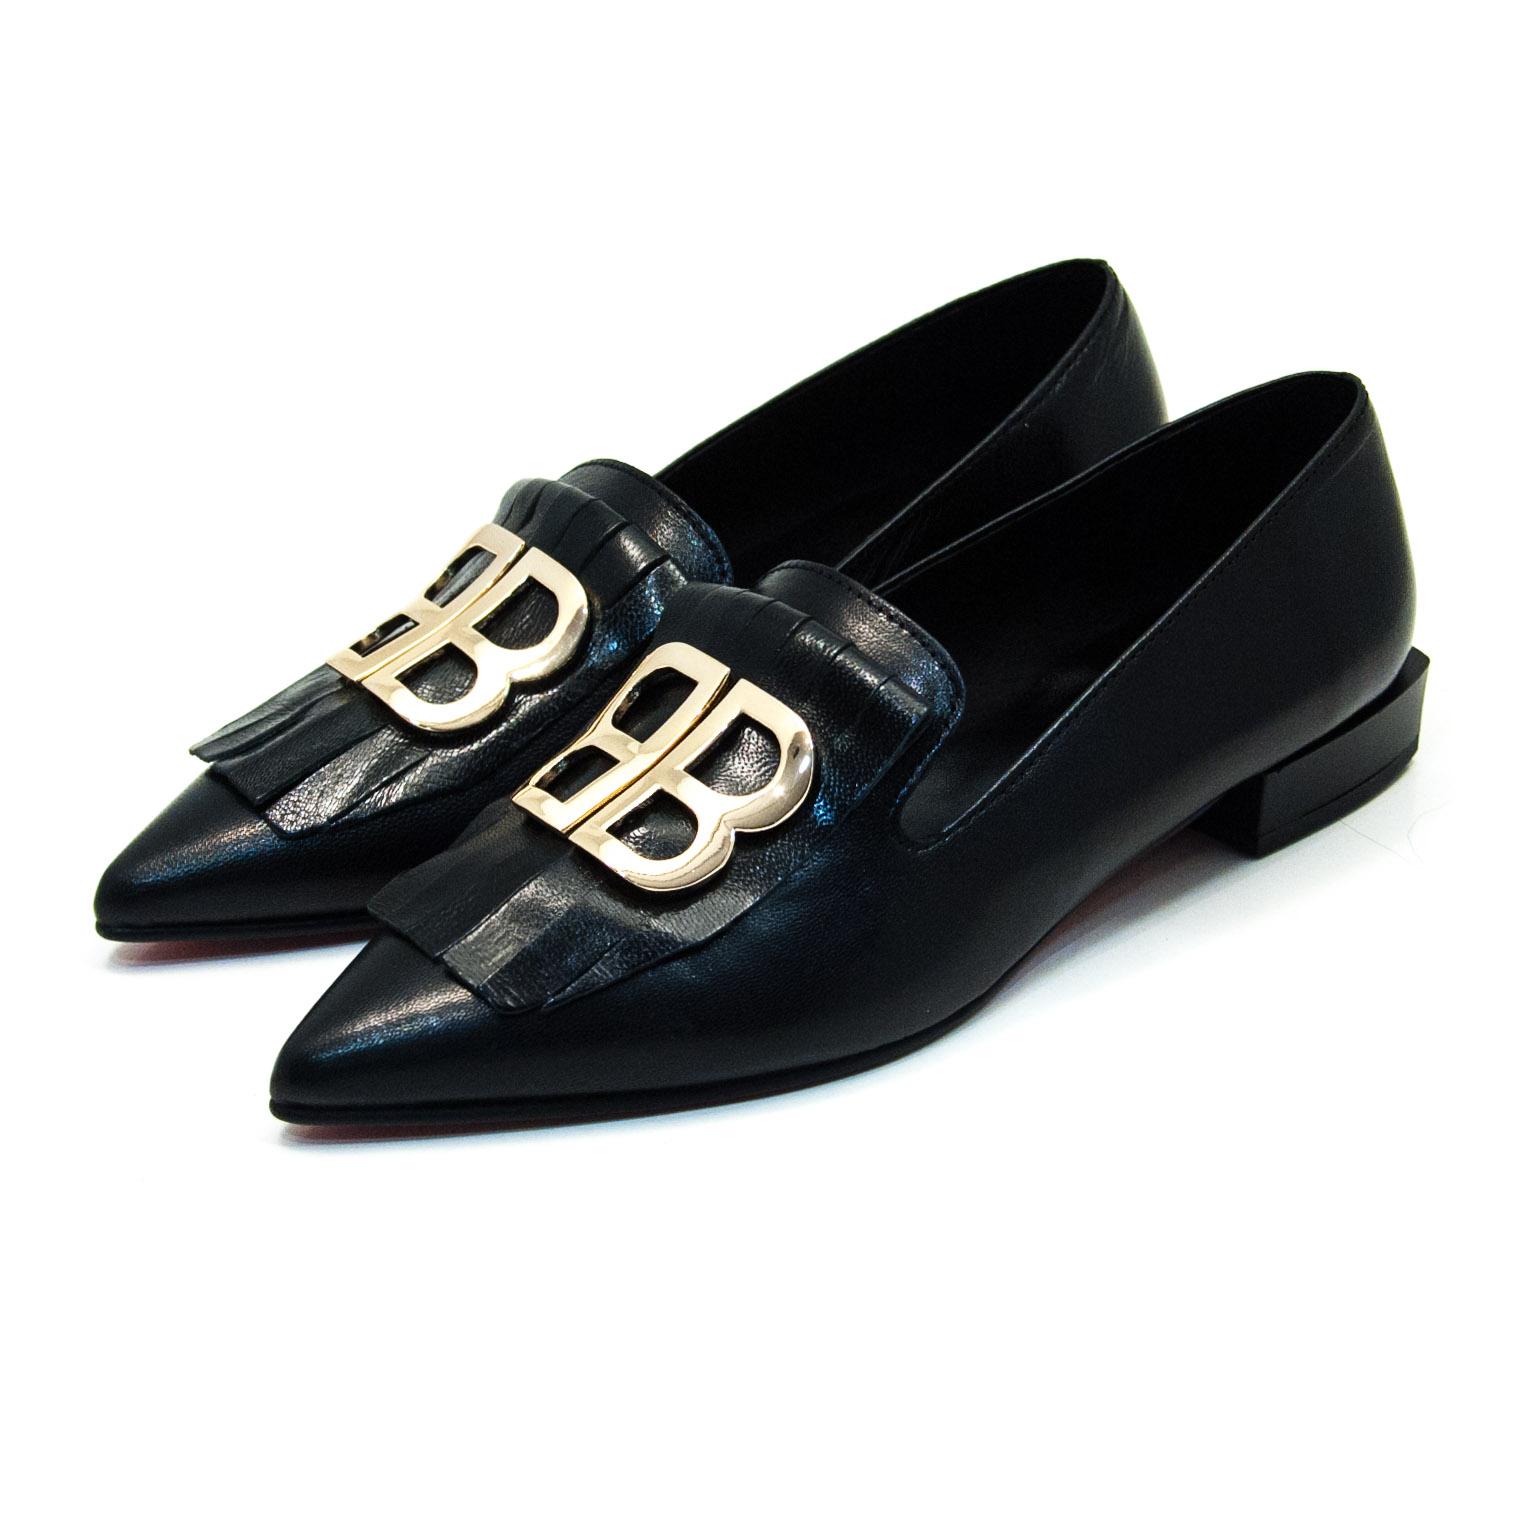 Γυναικείο παπούτσι WALL STREET 15620706